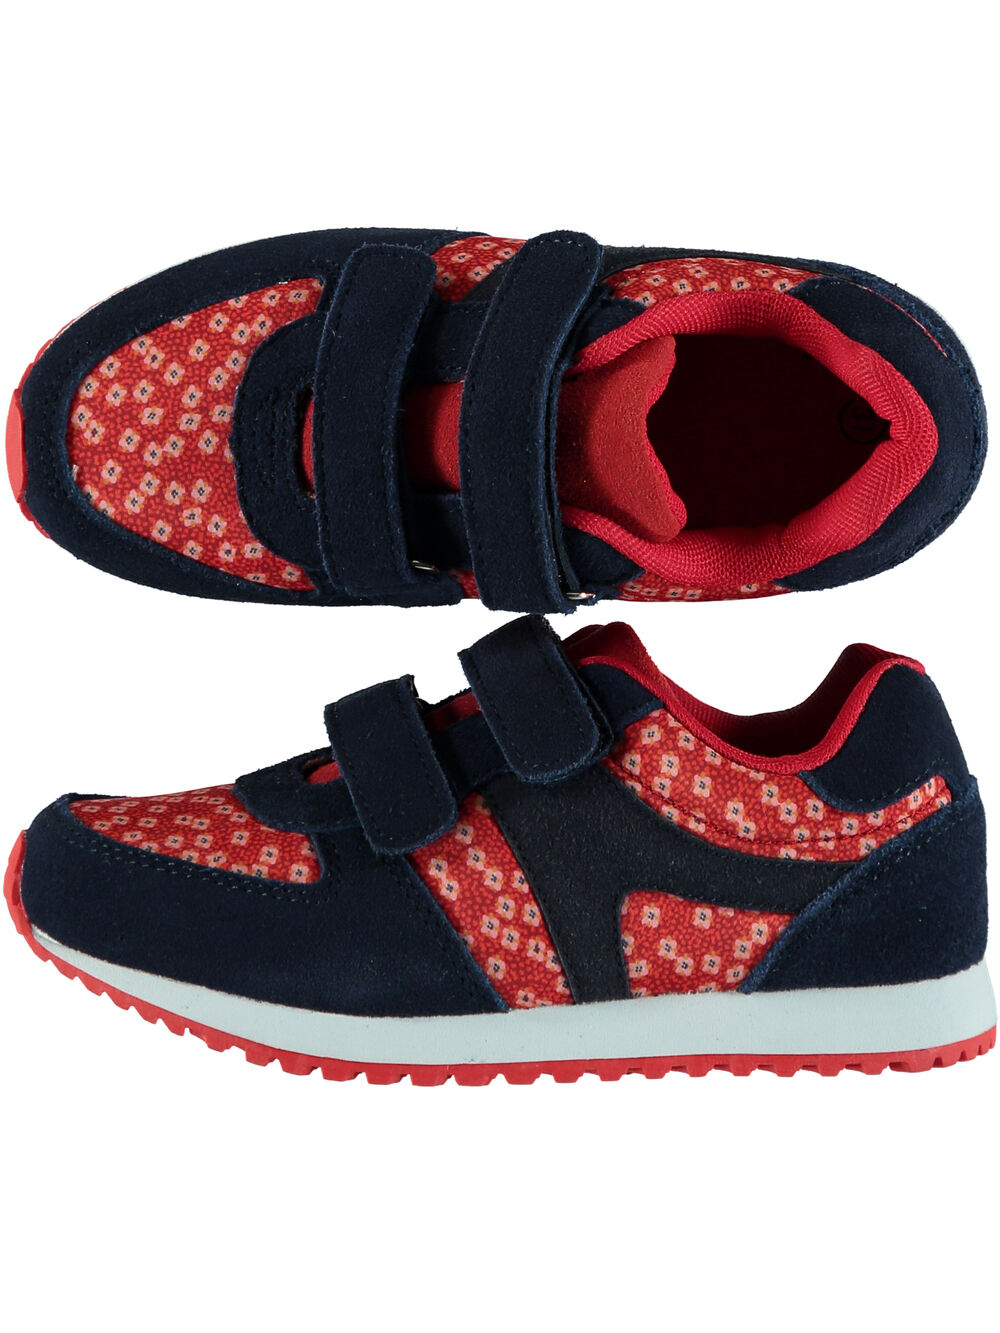 Basket bi matière textile et cuir marine et rouge enfant fille